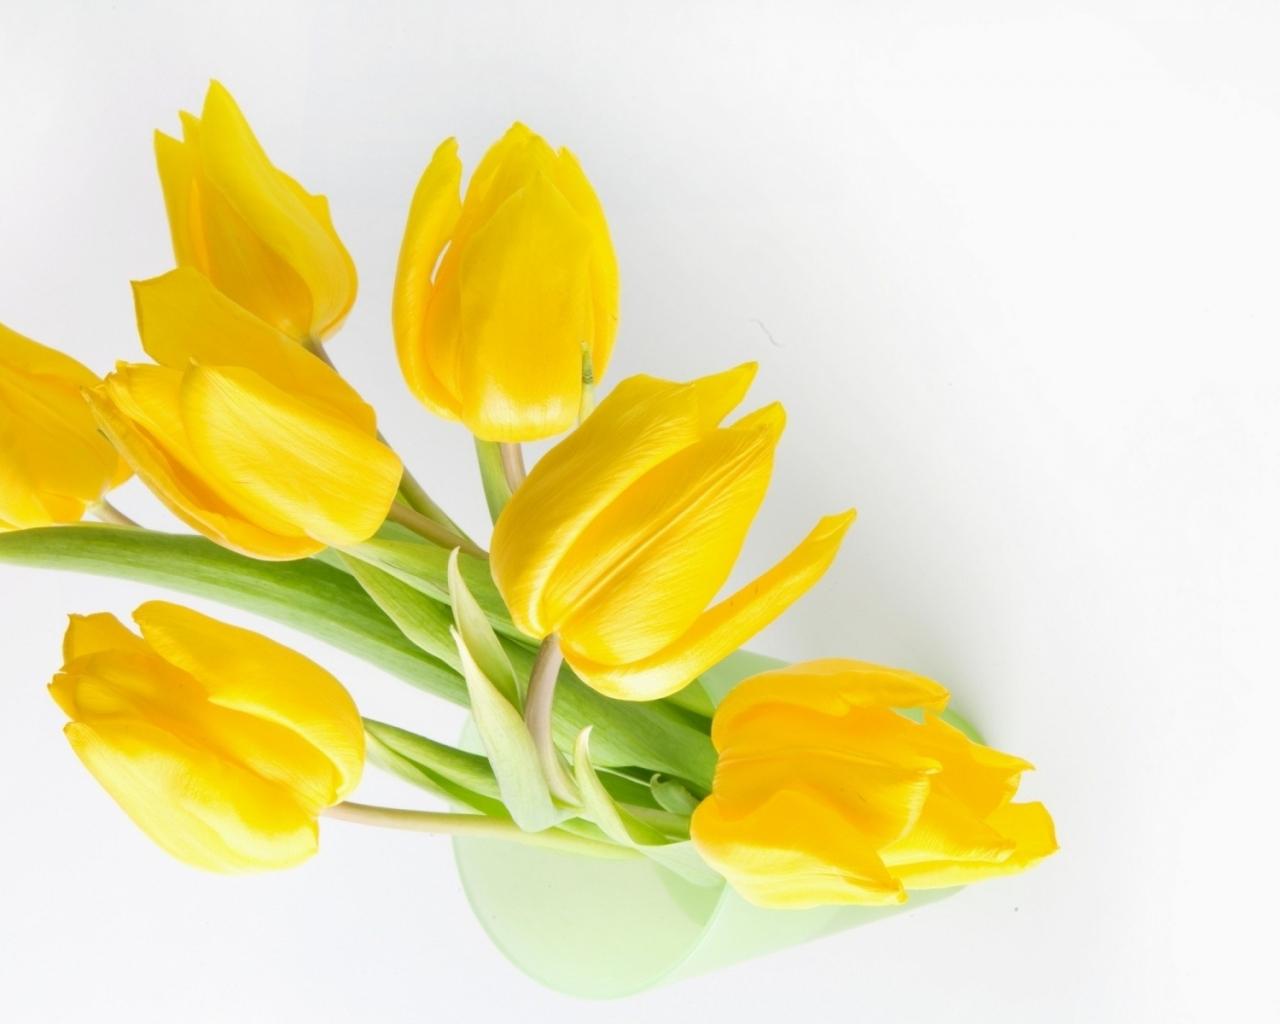 Fondo blanco y flores amarillas - 1280x1024